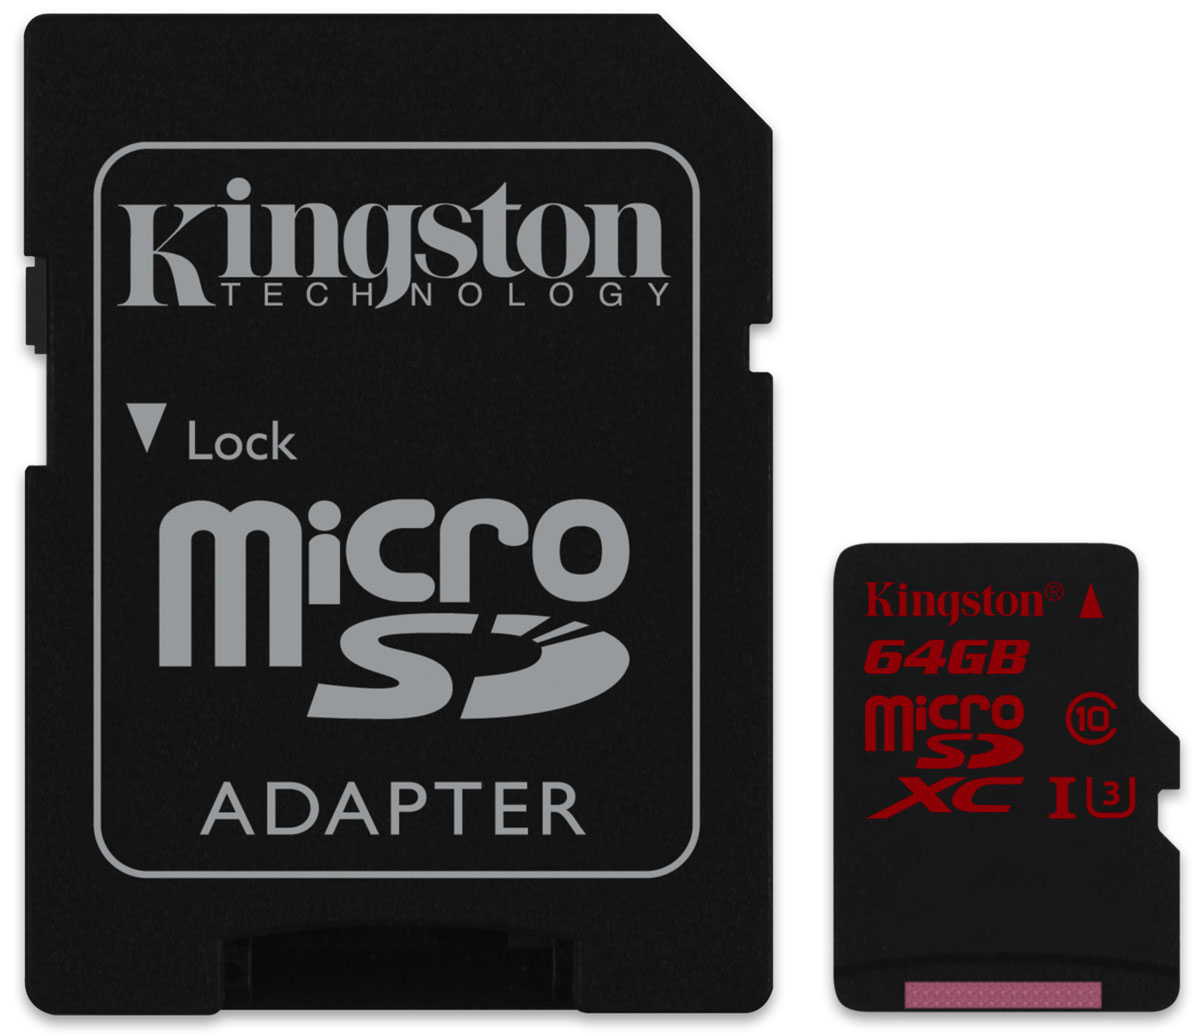 Kingston microSDXC Class 10 UHS-I U3 64GB карта памятиSDCA3/64GBКарта памяти microSDXC UHS-I U3 (Ultra High-Speed Bus, Speed Class3) компании Kingston обеспечивает впечатляющую скорость работы для записи видео кинематографического качества в формате Full HD (1080p), UltraHD (2160p), 3D и 4K2K. Они отлично подходят для высокопроизводительных компактных устройств, таких как смартфоны и портативные цифровые видеокамеры. Благодаря скорости чтения 90 МБ/с и скорости записи 80 МБ/сони позволяют быстрее редактировать и загружать файлы, в особенности при использовании устройств чтения карт памяти USB 3.0 компании Kingston, в том числе MobileLite G4 и Media Reader. Повышенные минимальные скорости записи гарантируют целостность видео благодаря снижению задержек и позволяют делать серии снимков.Компактные размеры карт памяти позволяют расширять память многих современных планшетов, смартфонов и экшн-камерЭта универсальная карта памяти водонепроницаема, ударостойка и виброустойчива, имеет защиту от рентгеновского излучения и от экстремальных температур. Фотографы могут положиться на надежностьэтой карты памяти.